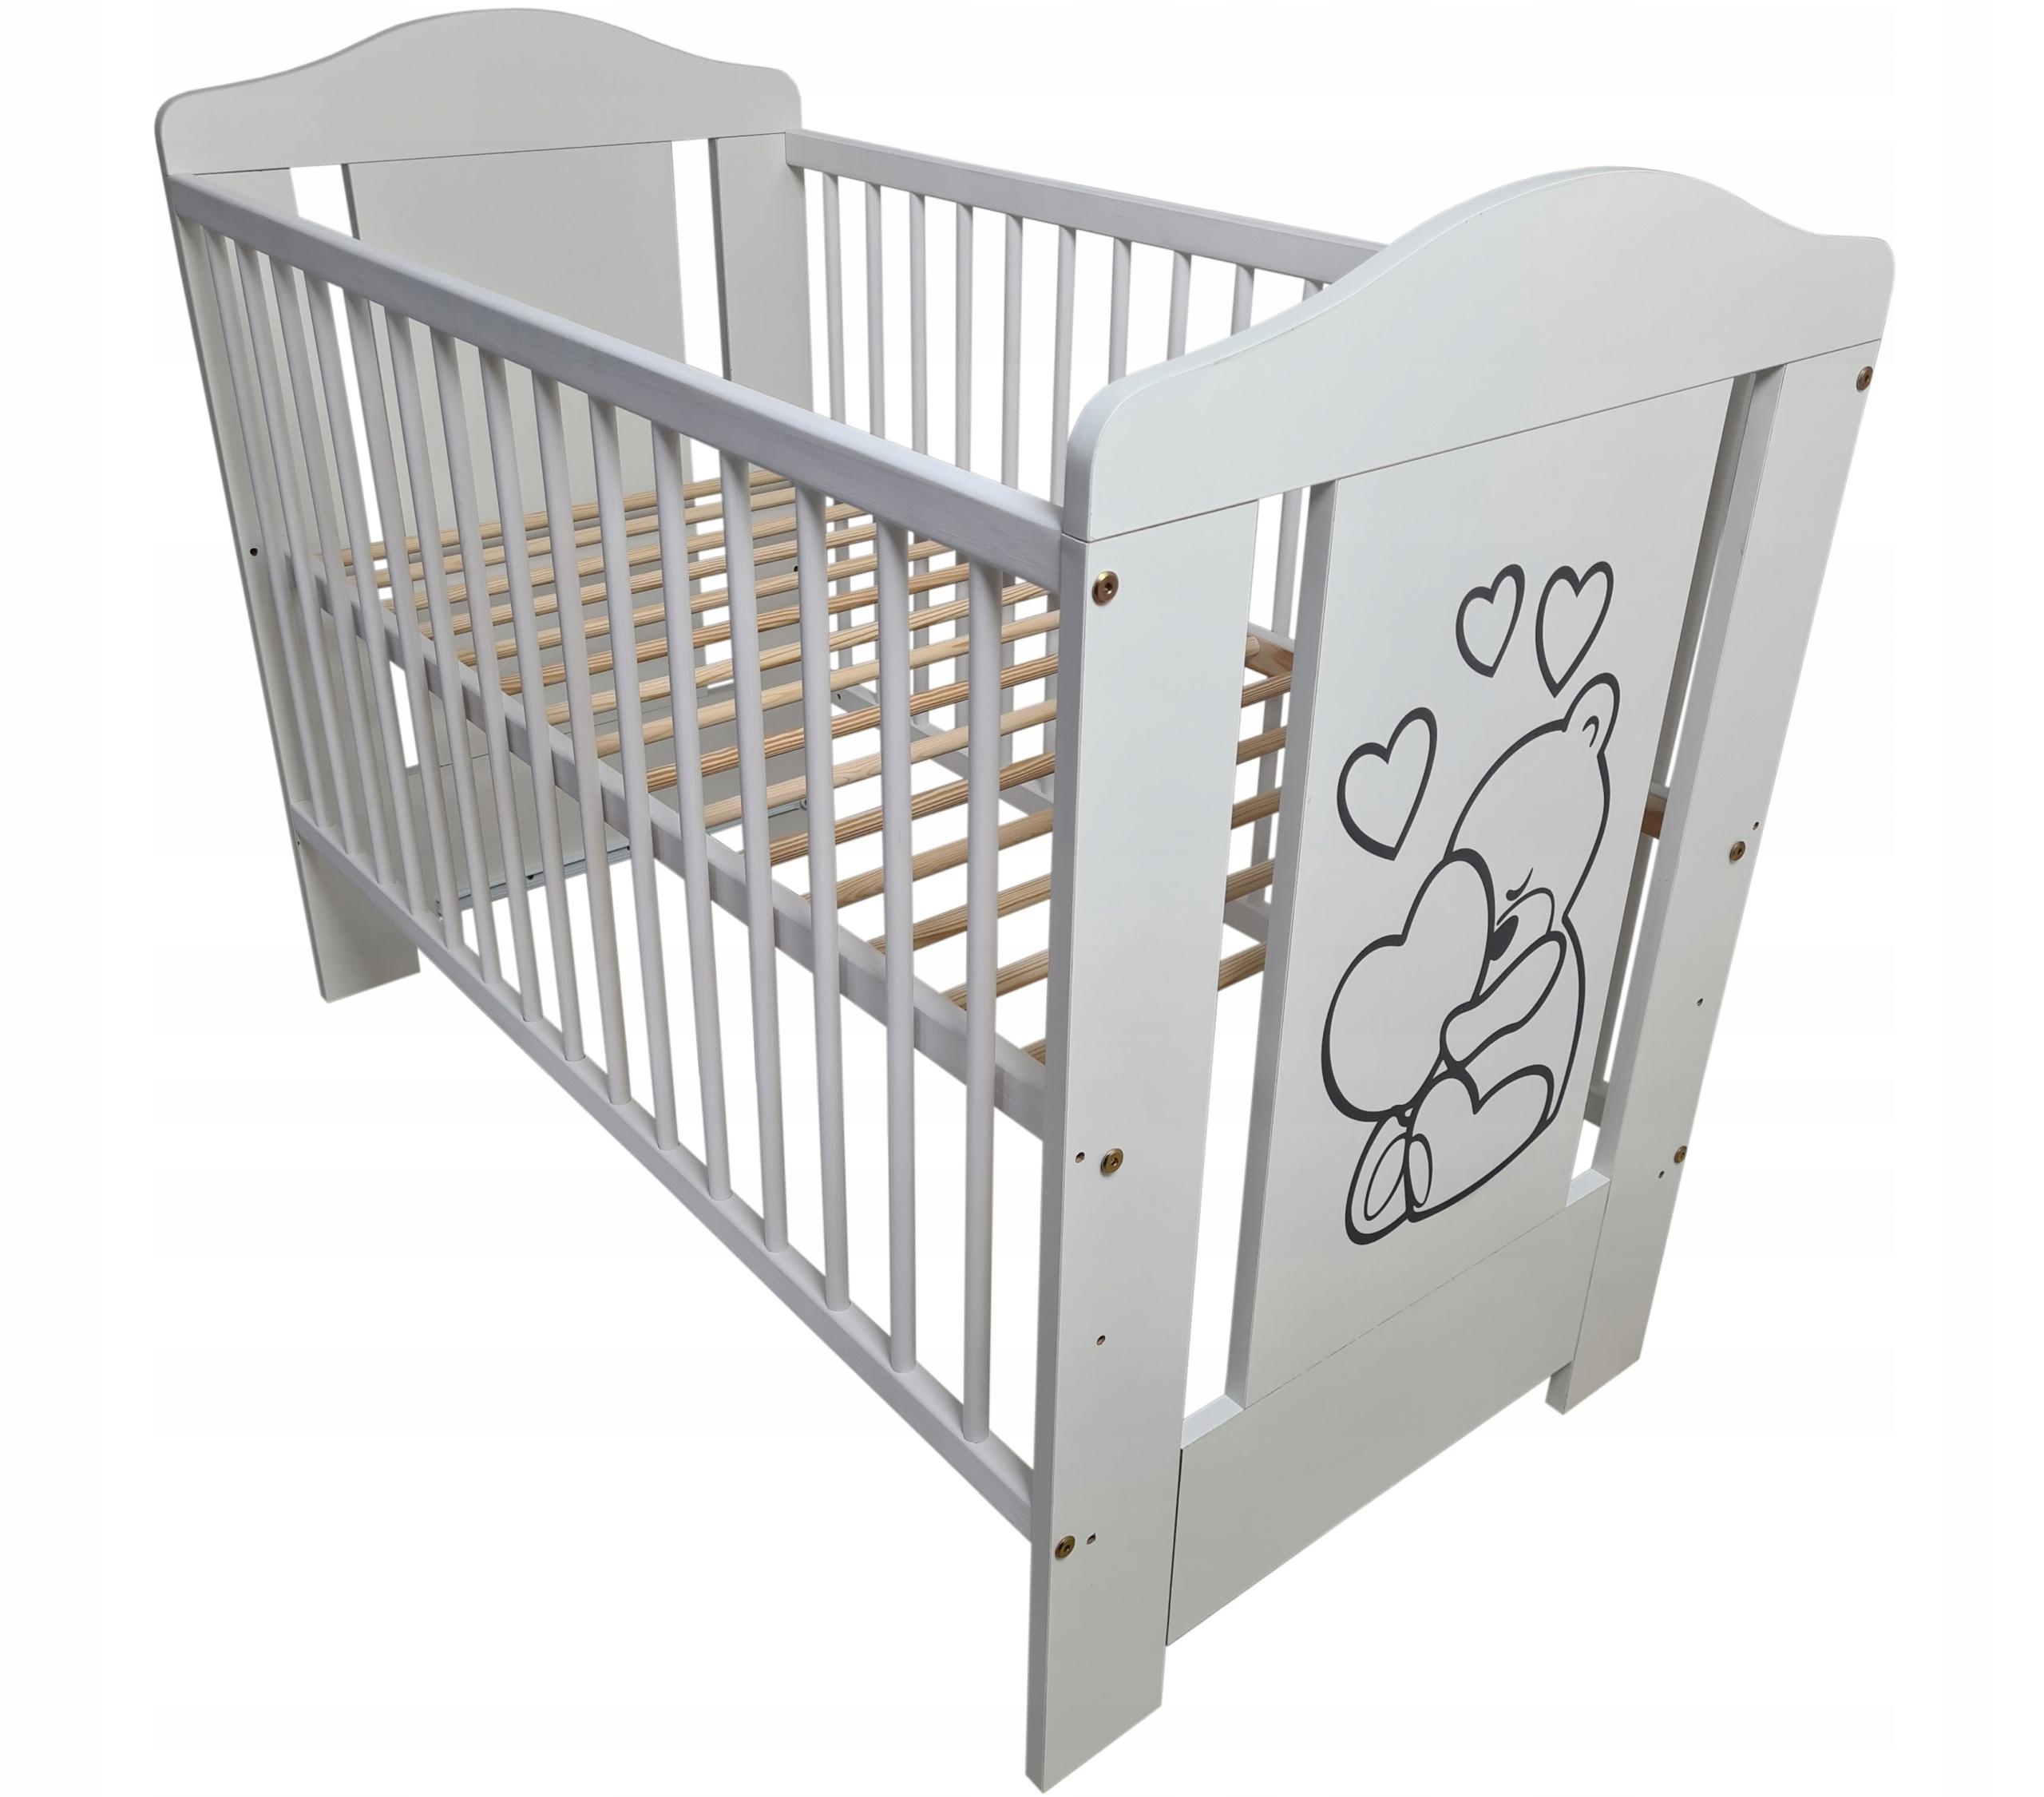 Детская кроватка 60x120cm - Miro White